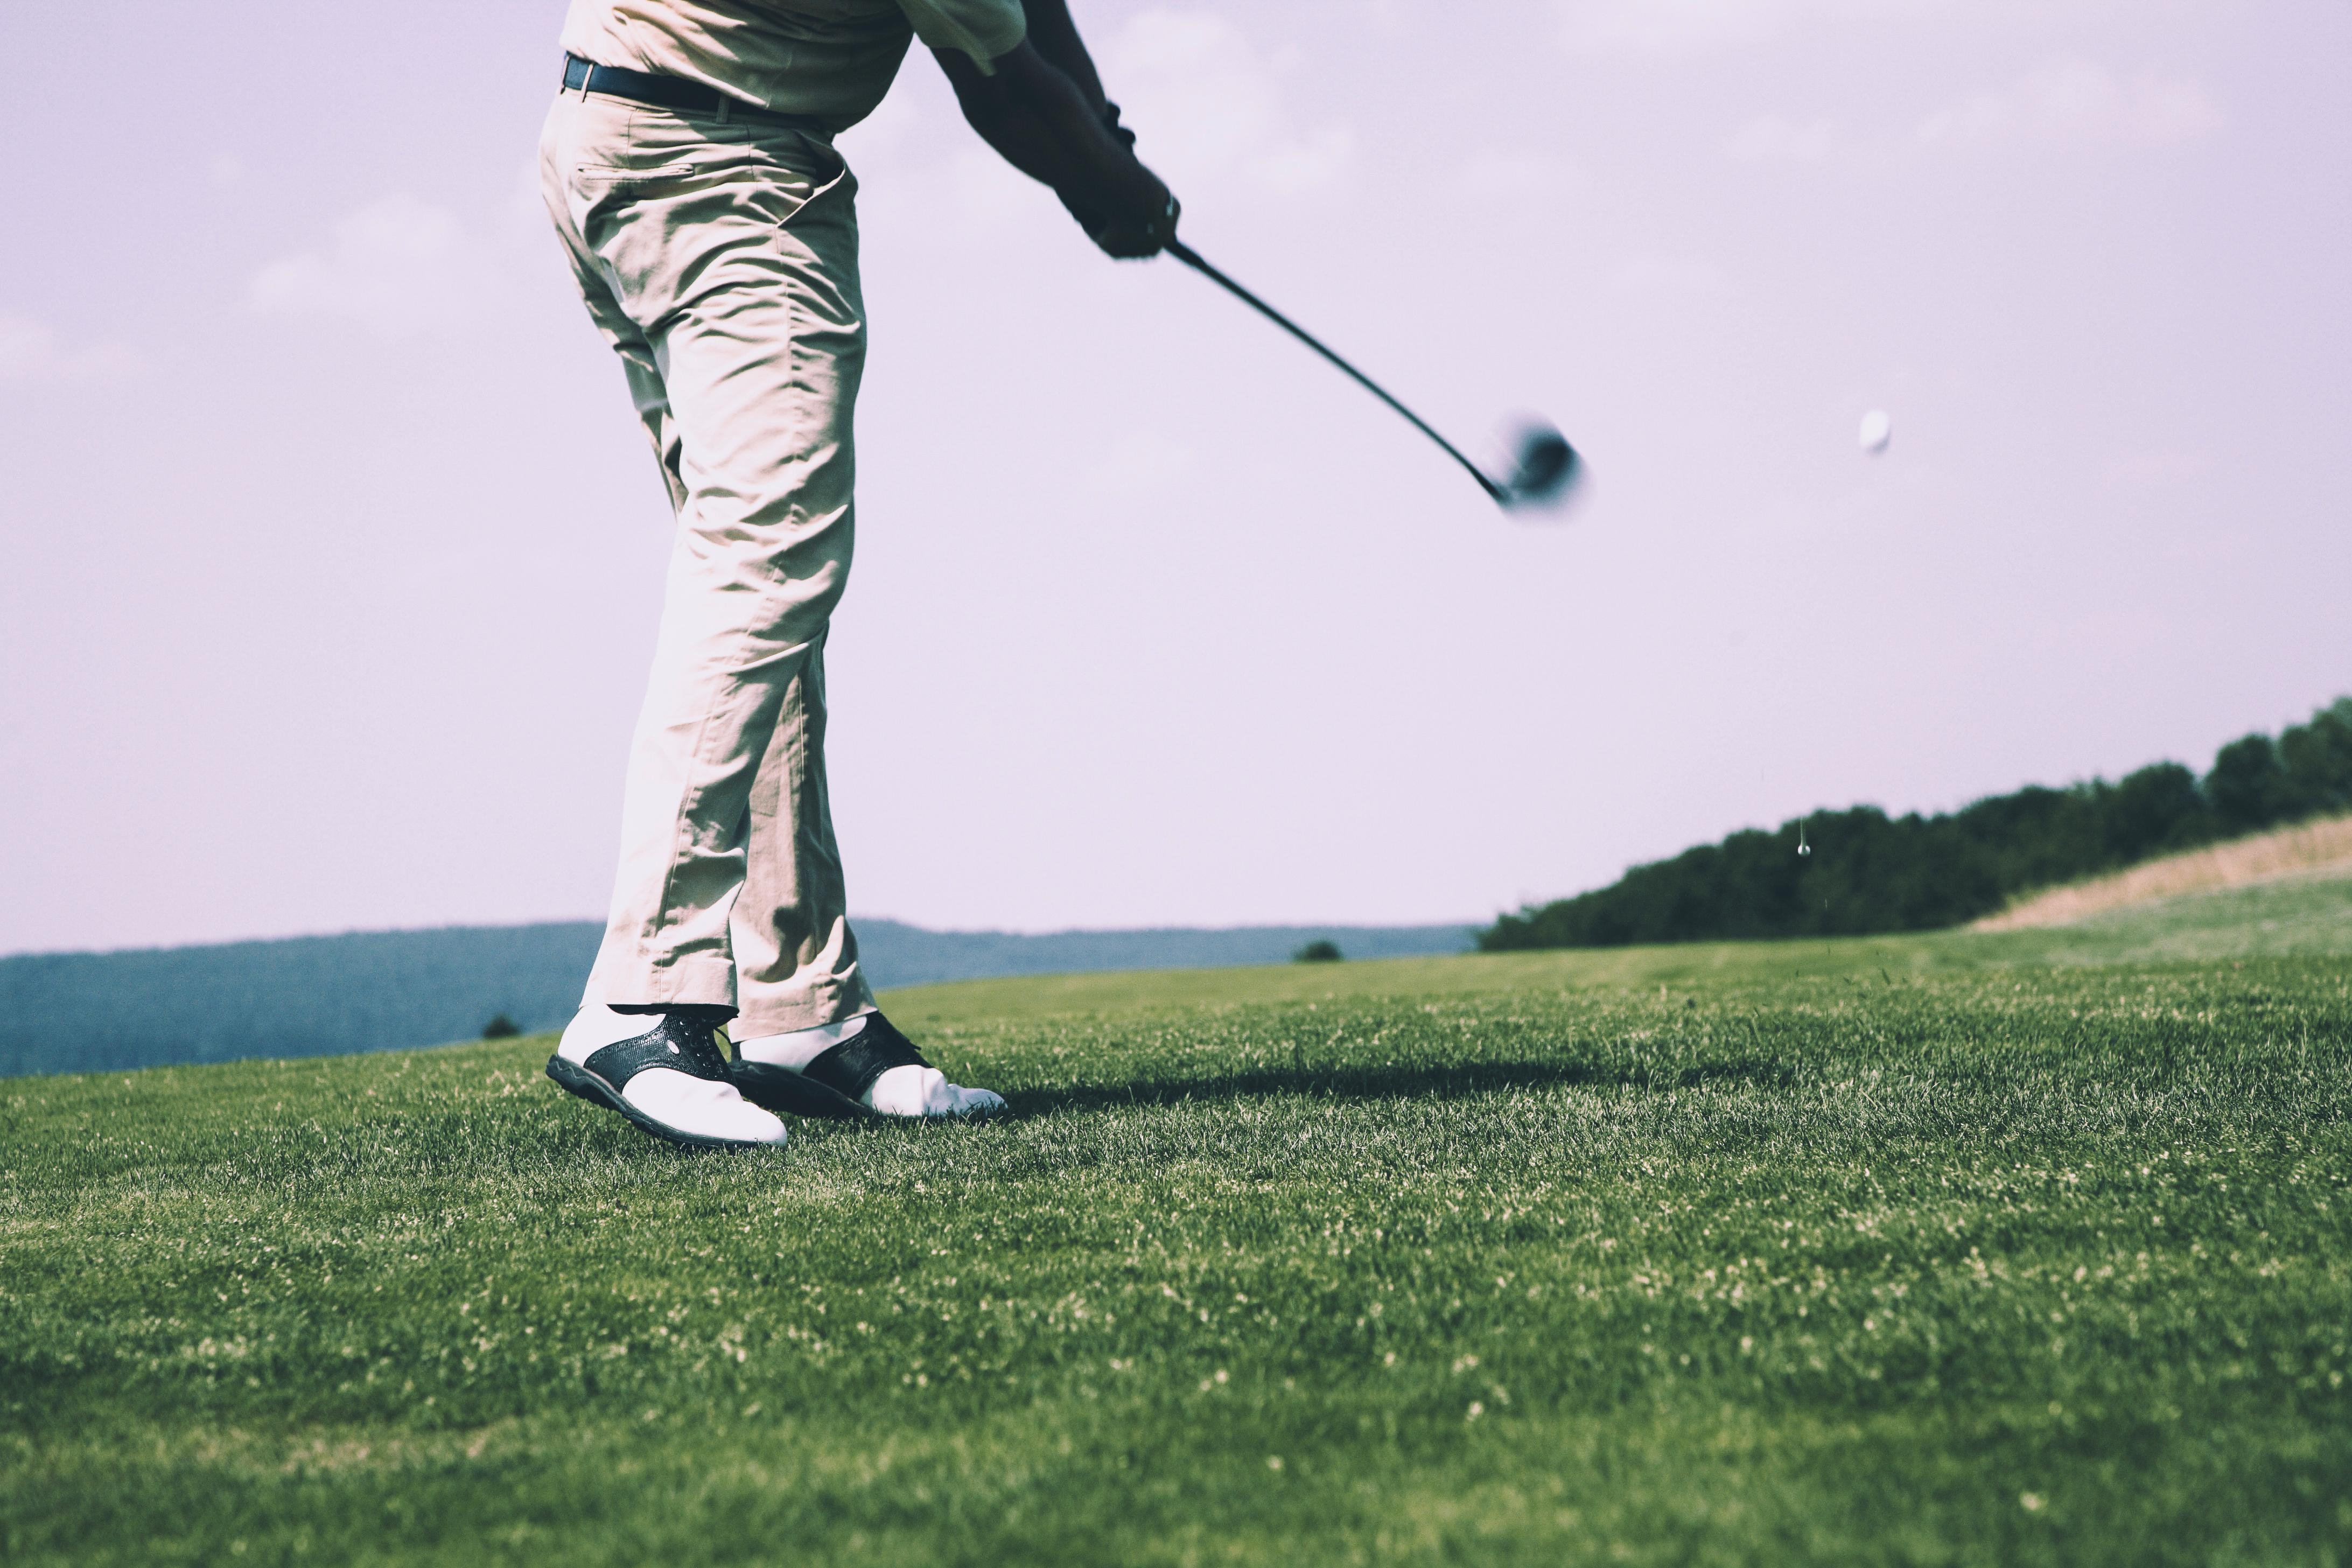 ゴルフで非力でも飛ばす方法はコック!飛んで曲がらないスイングドリルとは?